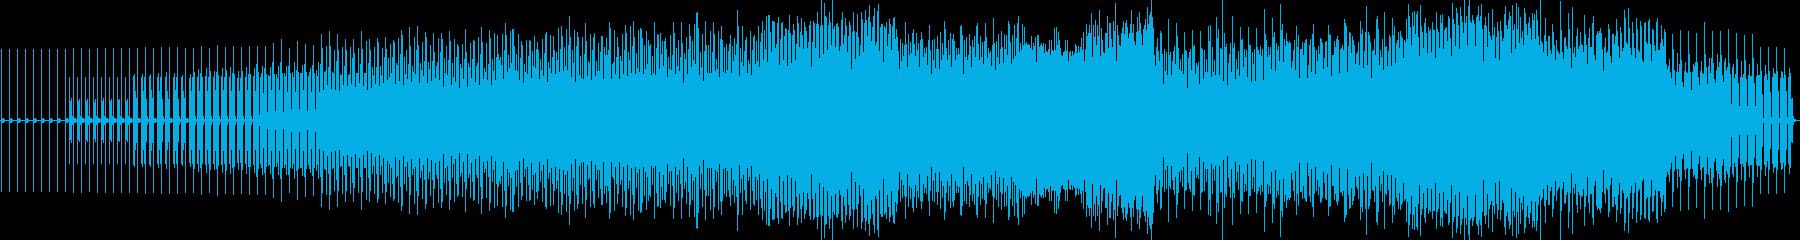 徐々に激しくなっていくゲームサウンドの再生済みの波形